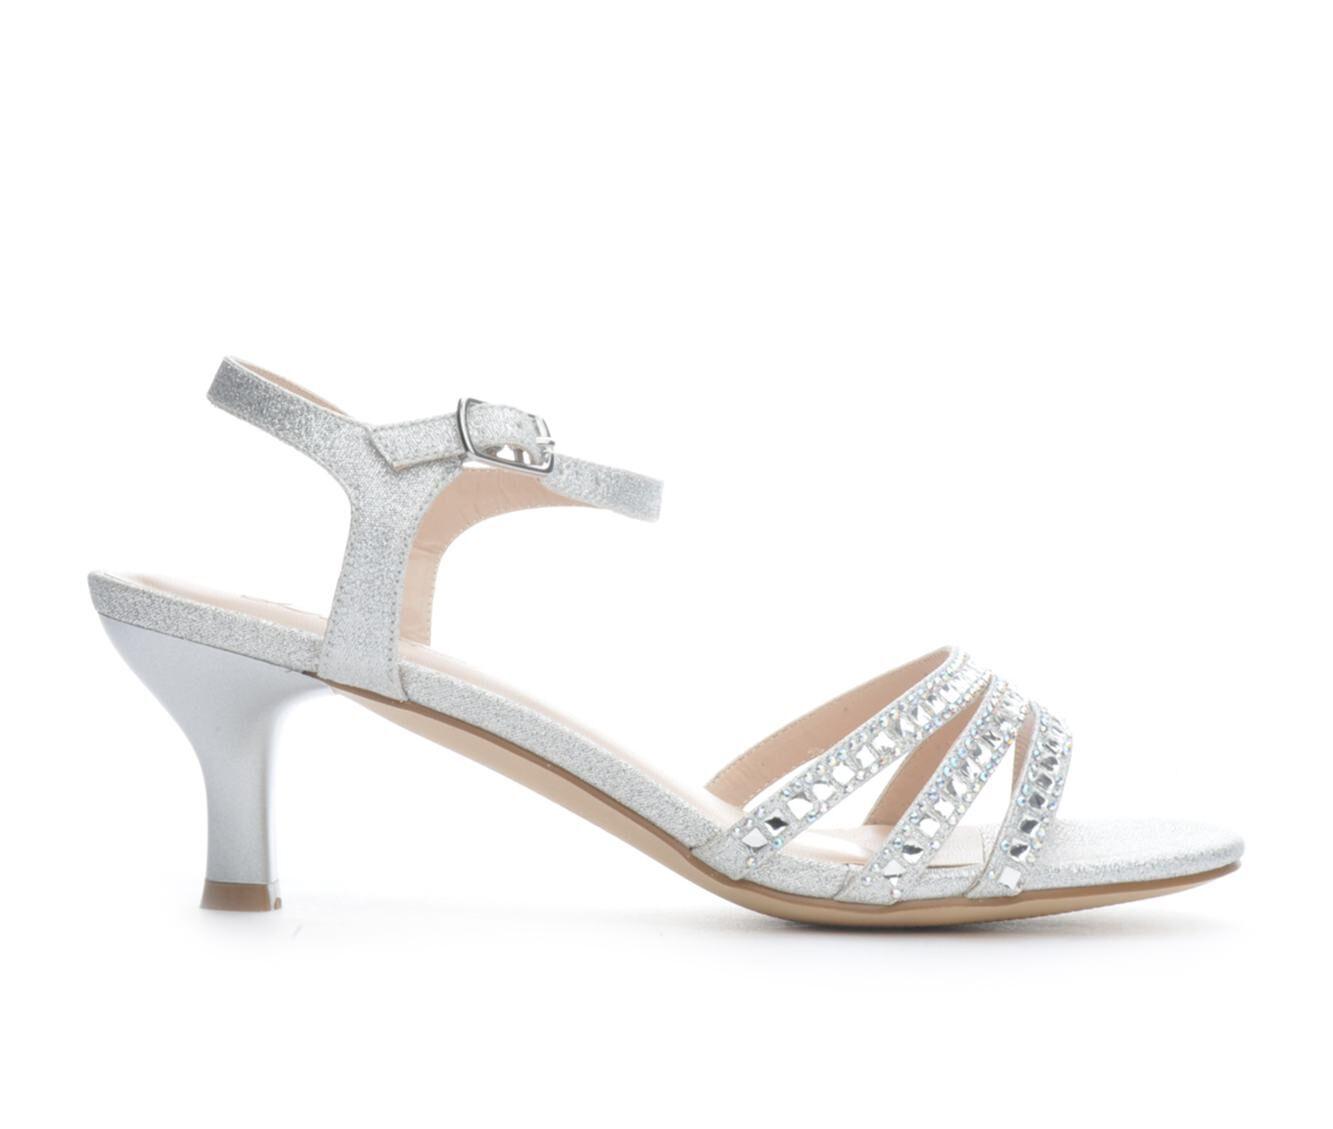 Women's LLorraine Berkly Heeled Dress Sandals Silver